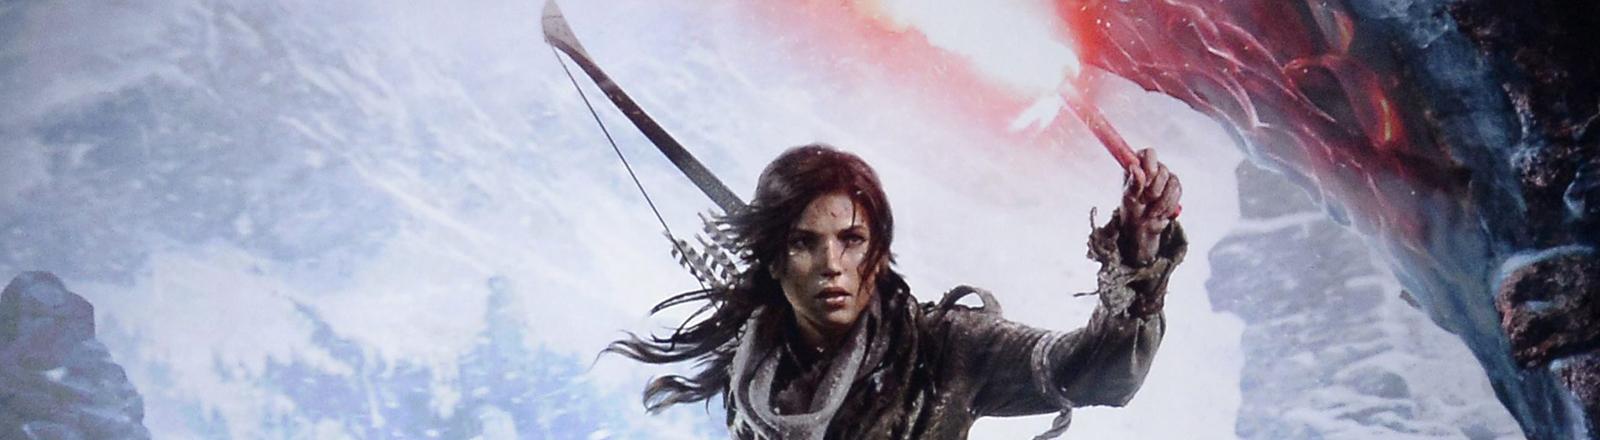 The Rise of Tomb Raider wird auf der Spielemesse E3 vorgestellt